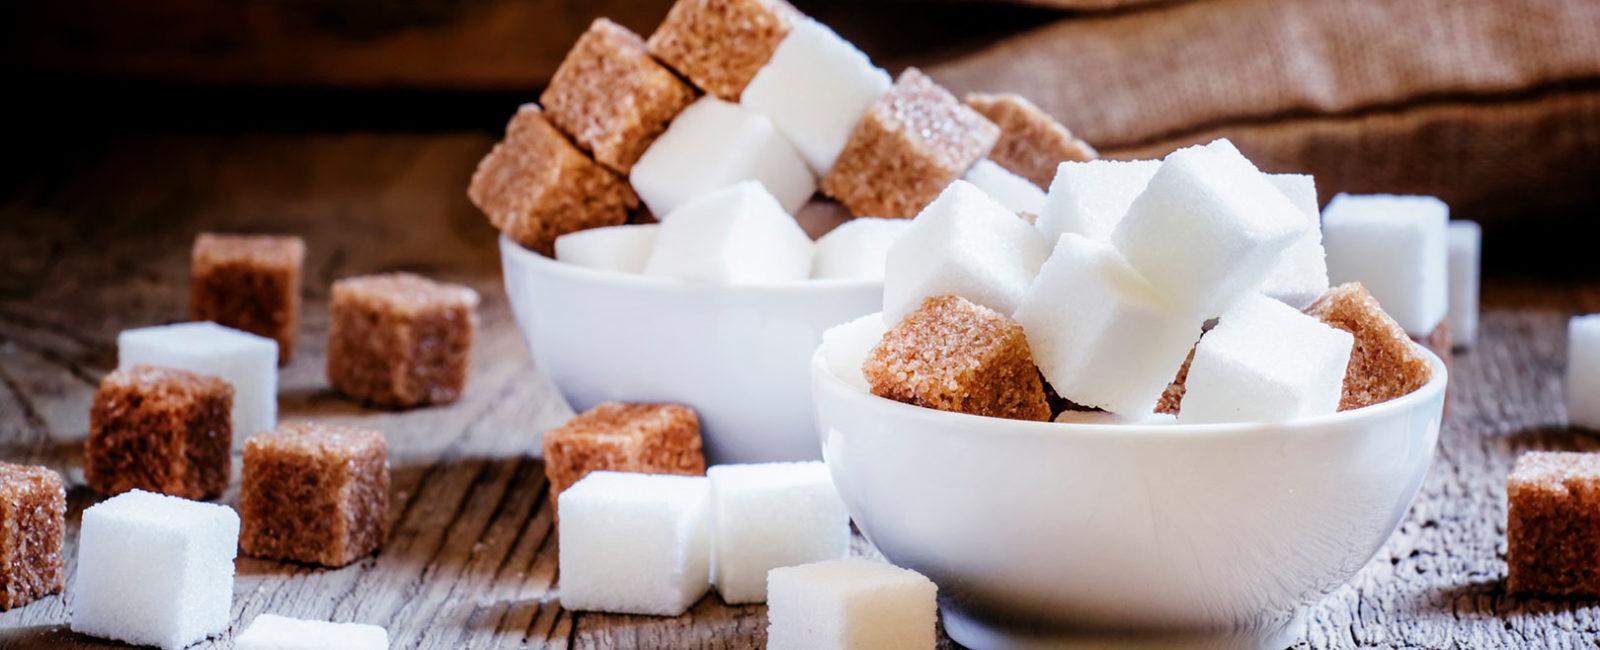 Zucker ist dein Feind - Zucker in Schüsseln